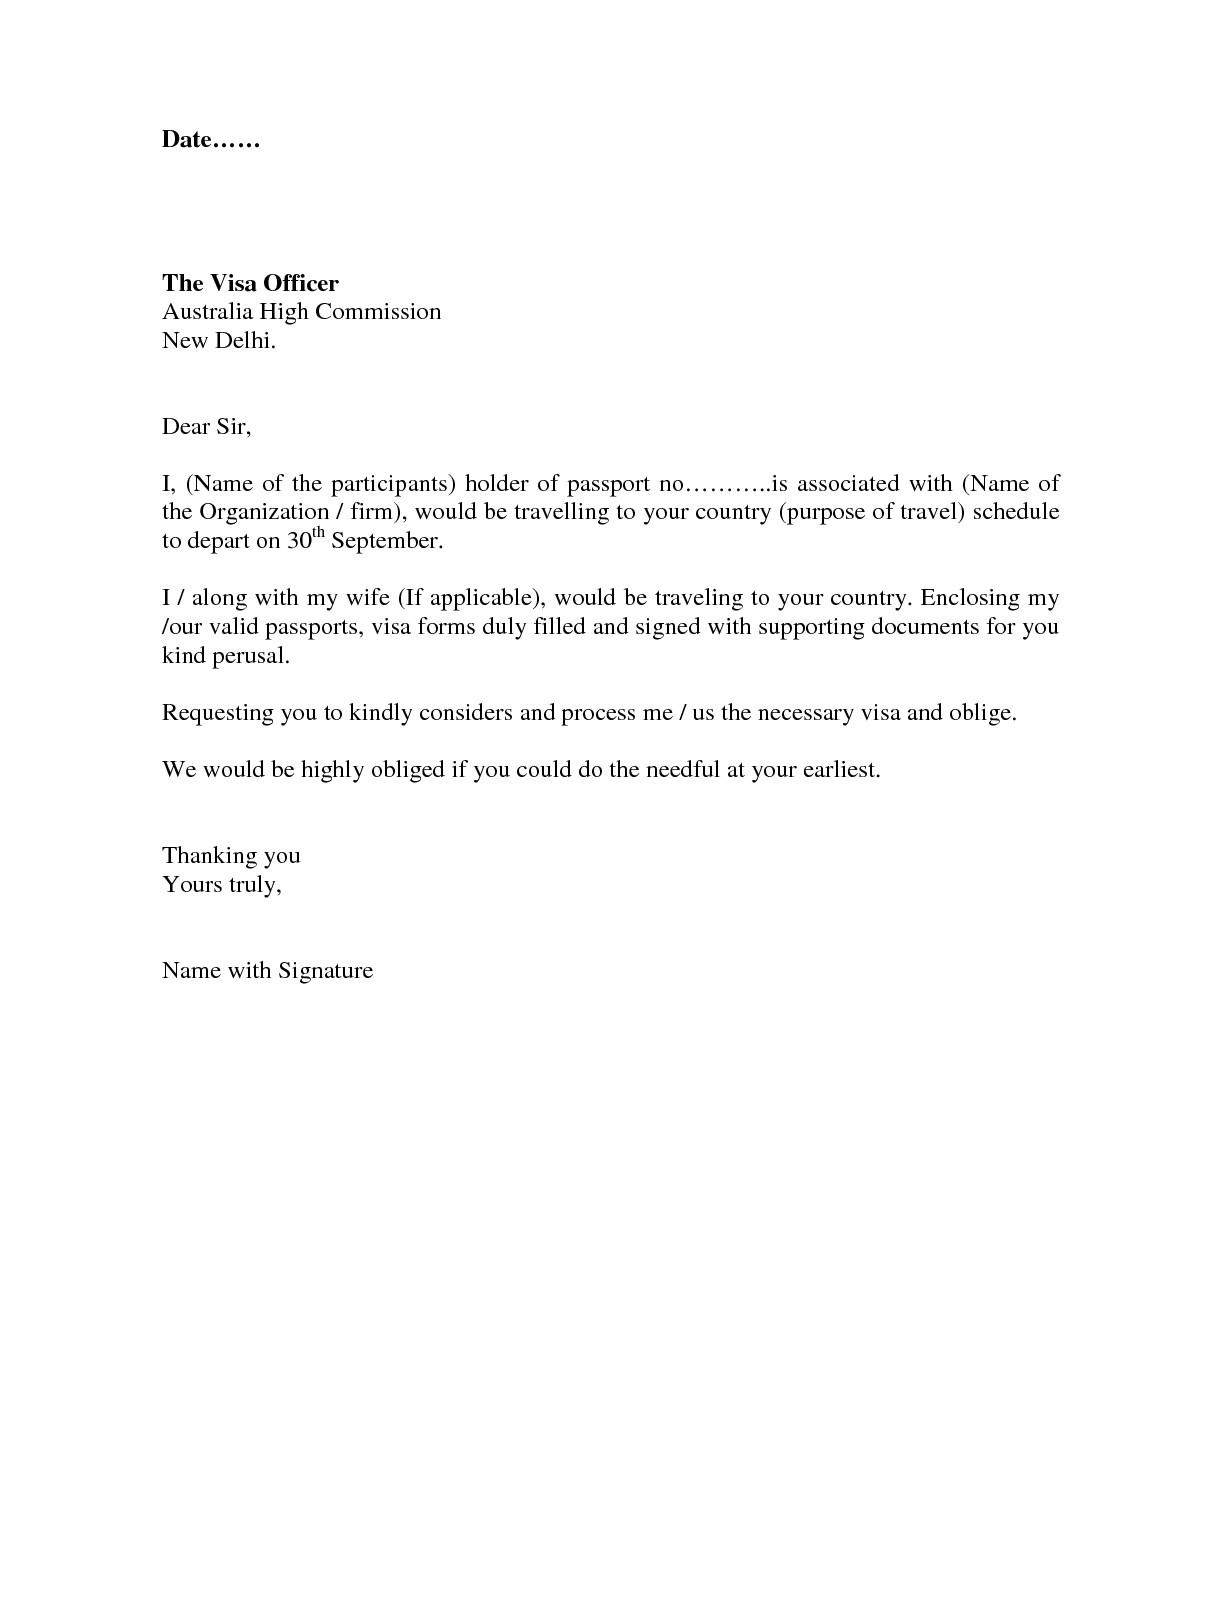 visa covering letter format